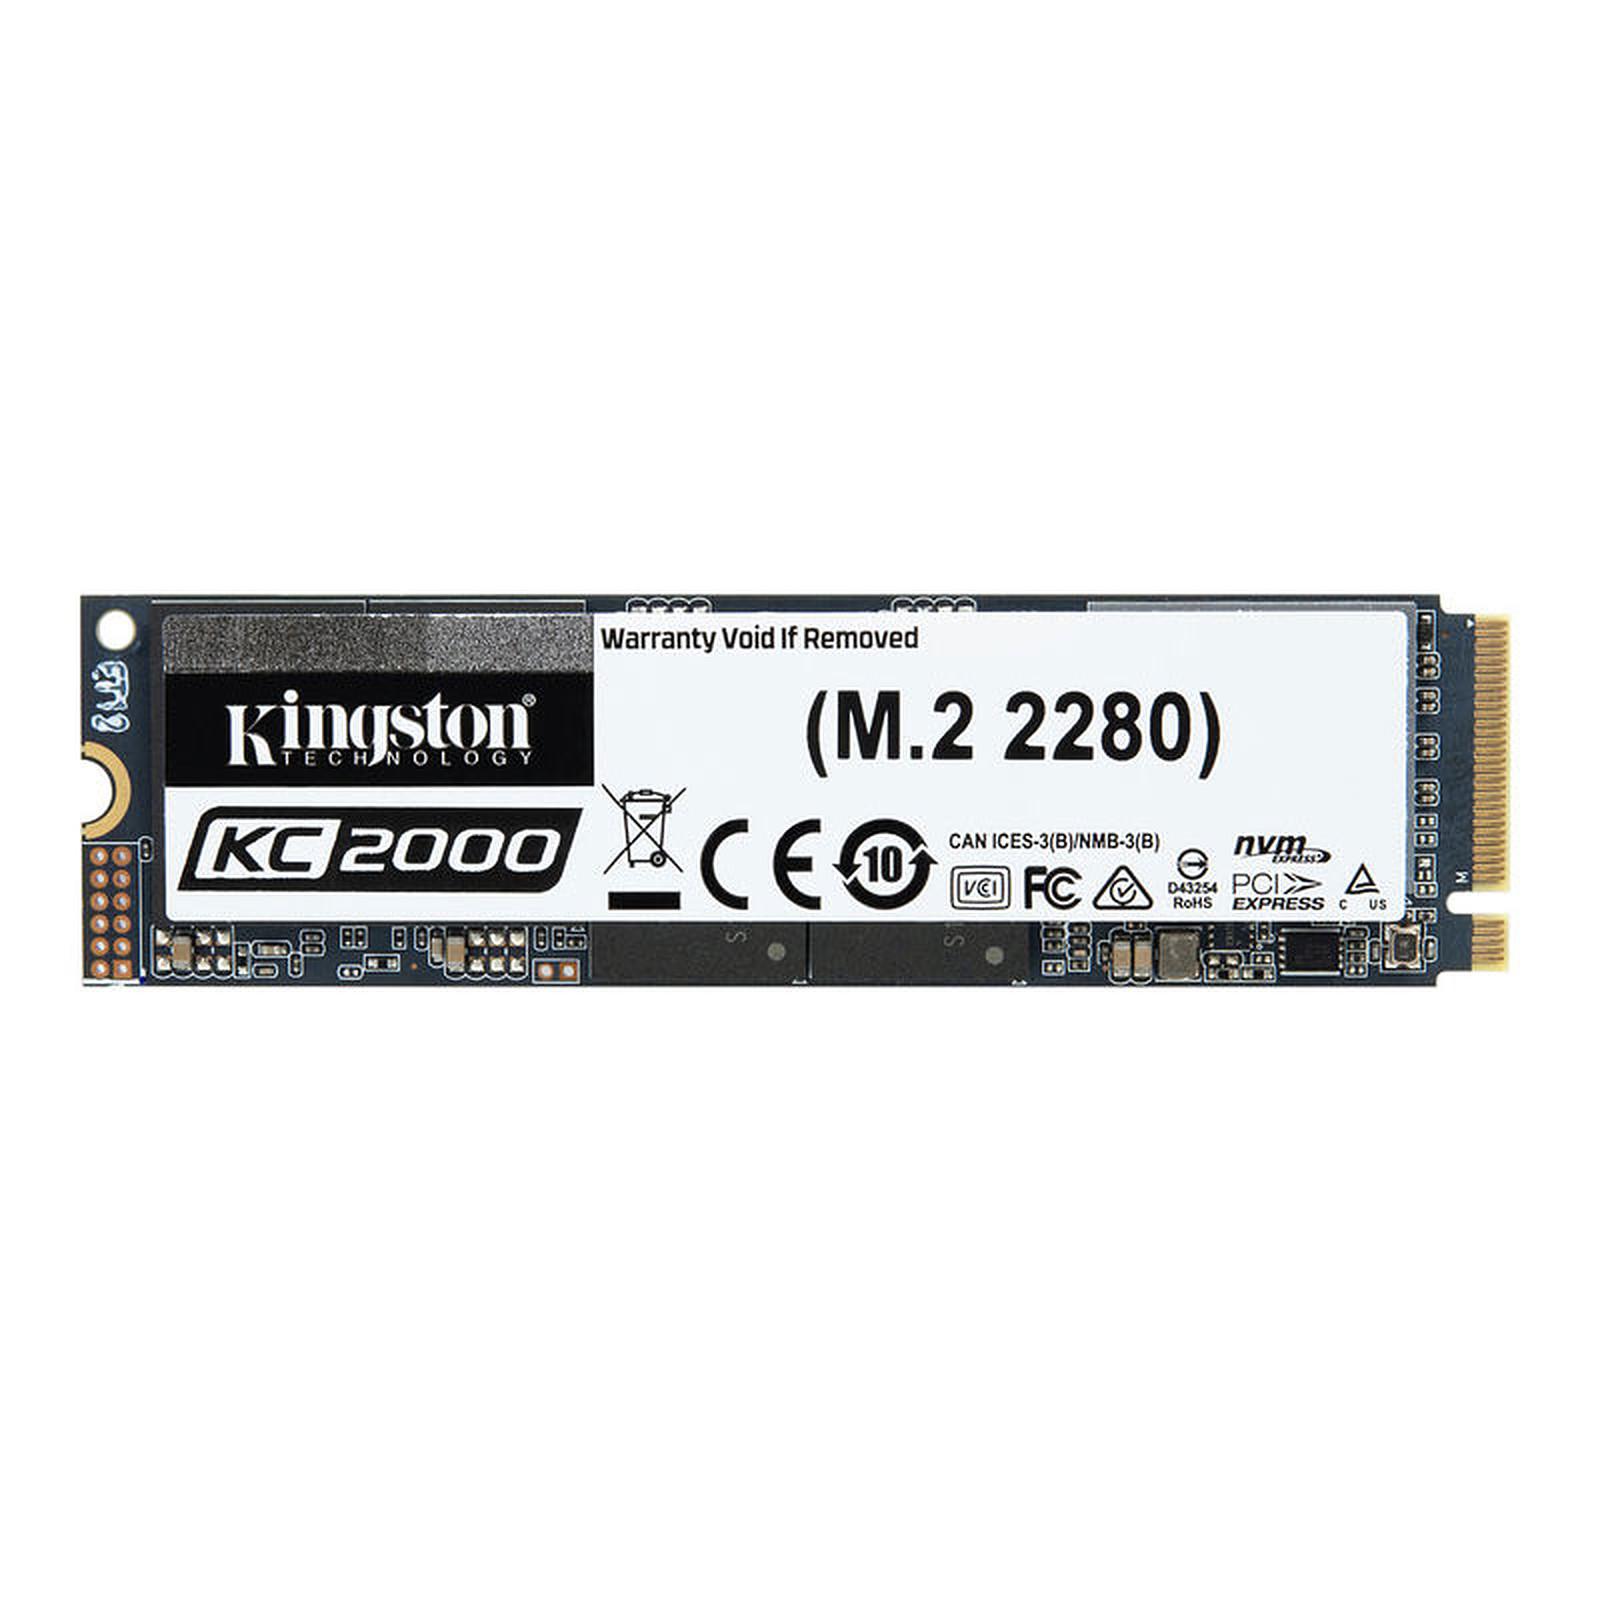 Kingston KC2000 M.2 PCIe NVMe 1 To